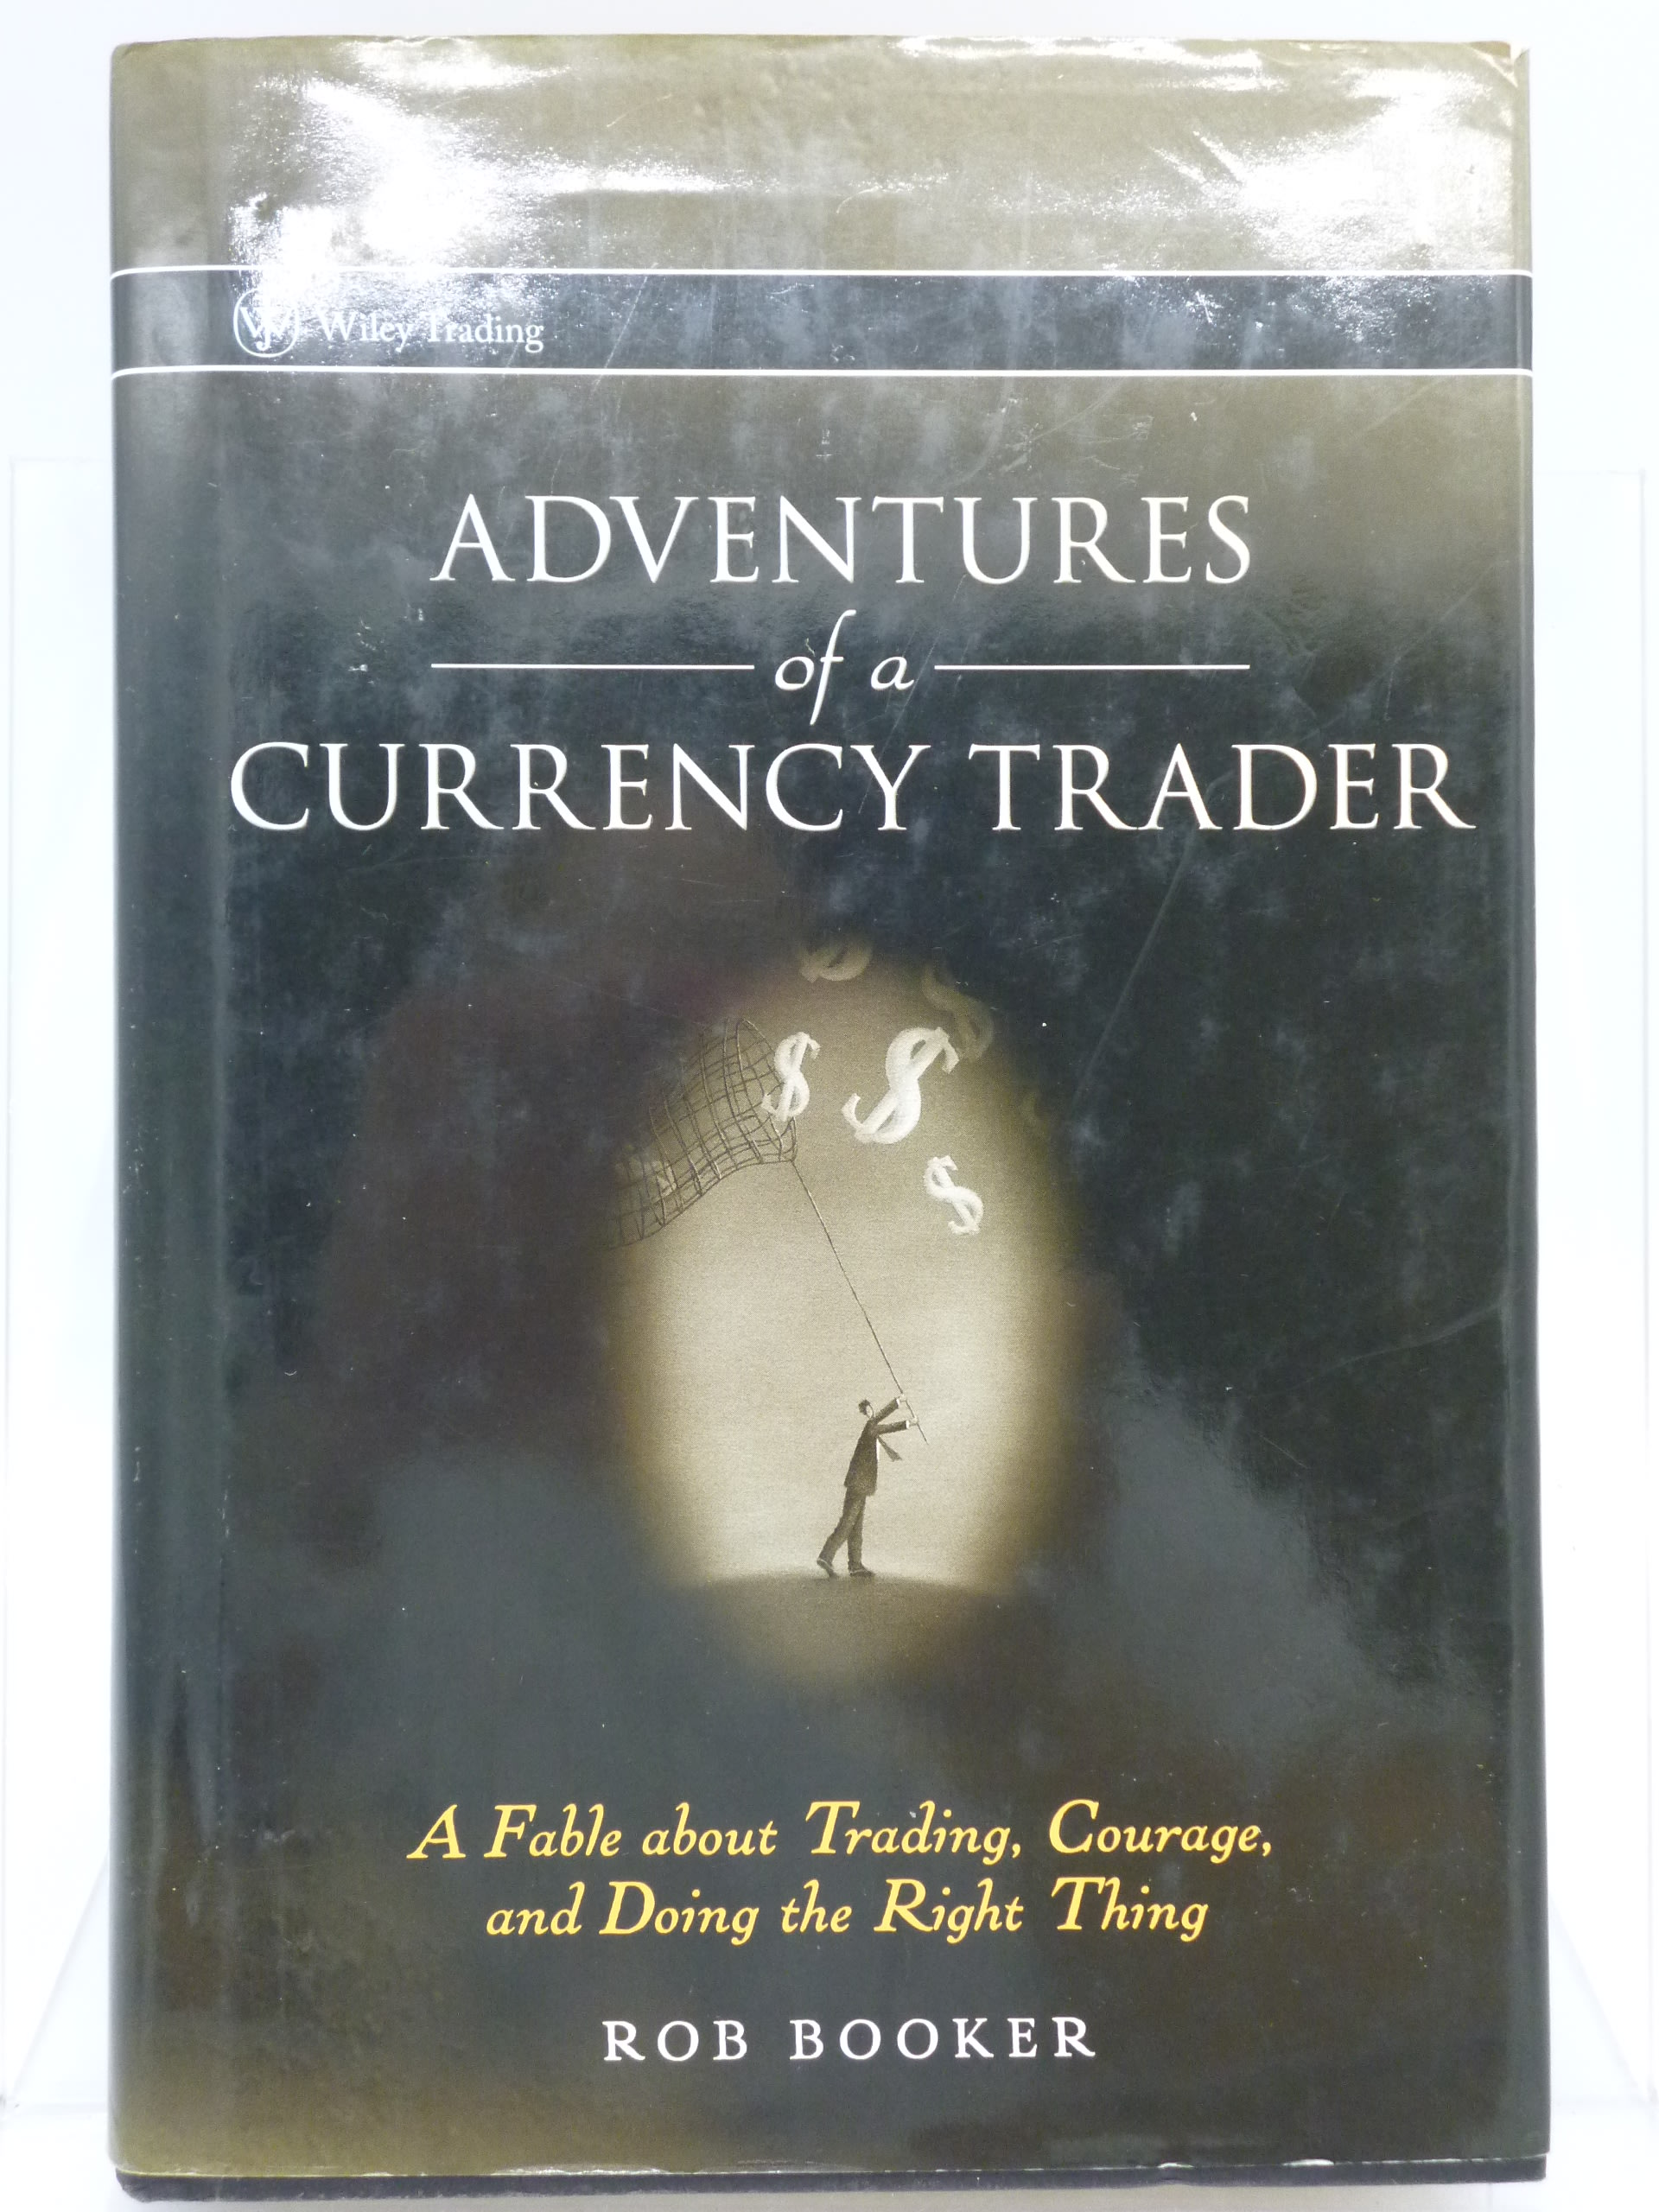 【月界2】Adventures of a Currency Trader(精裝本)_Rob Booker 〖理財〗AJR